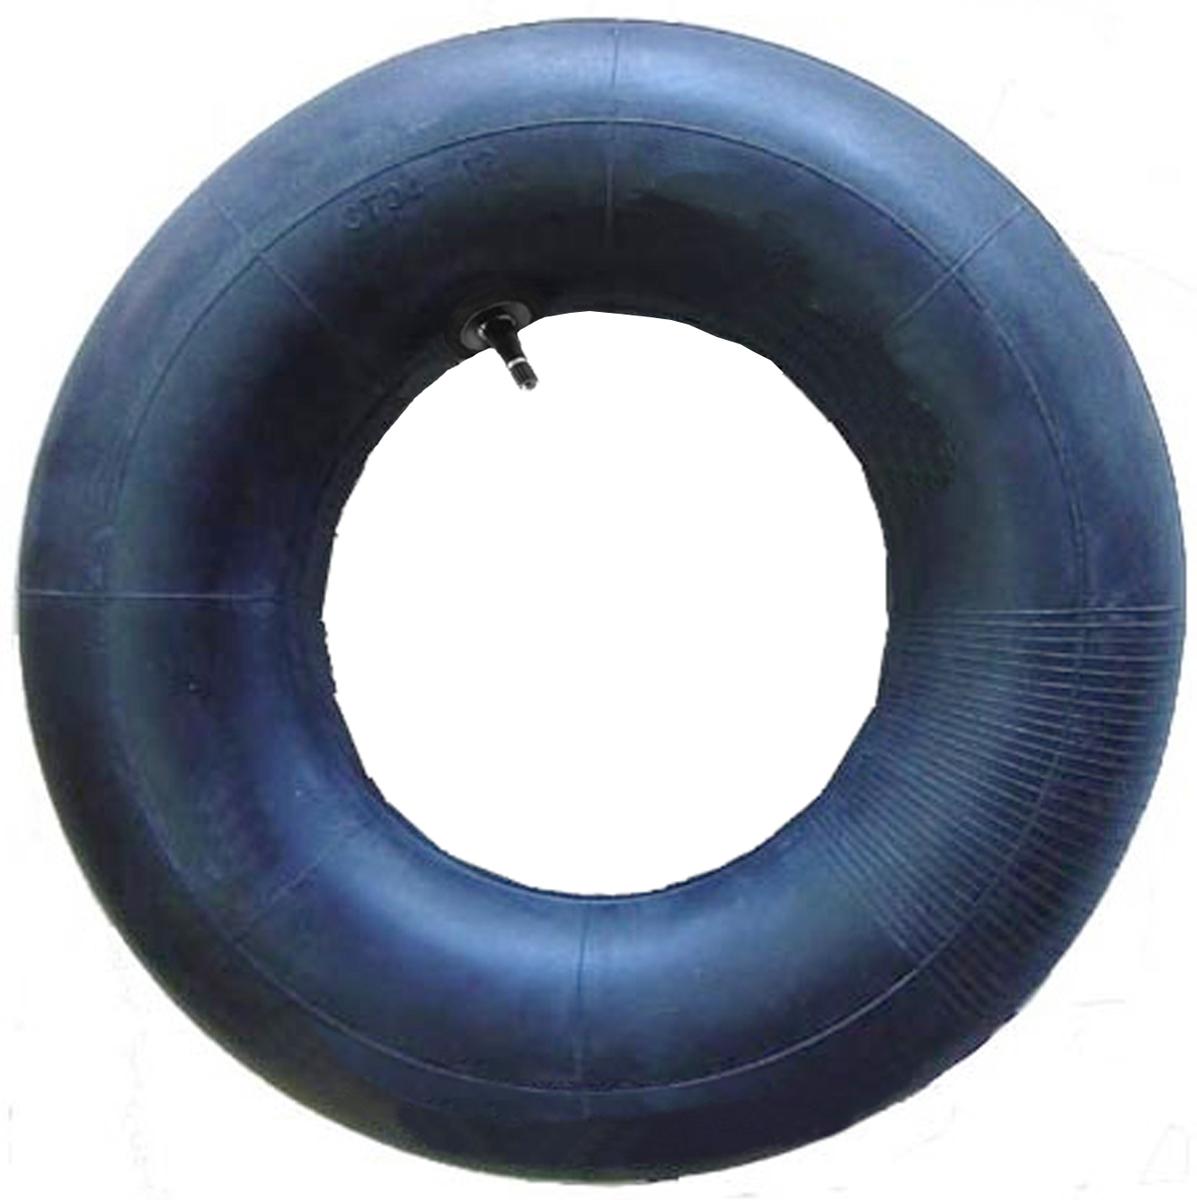 Tire inner tube 20 x straight stem for Tire tub